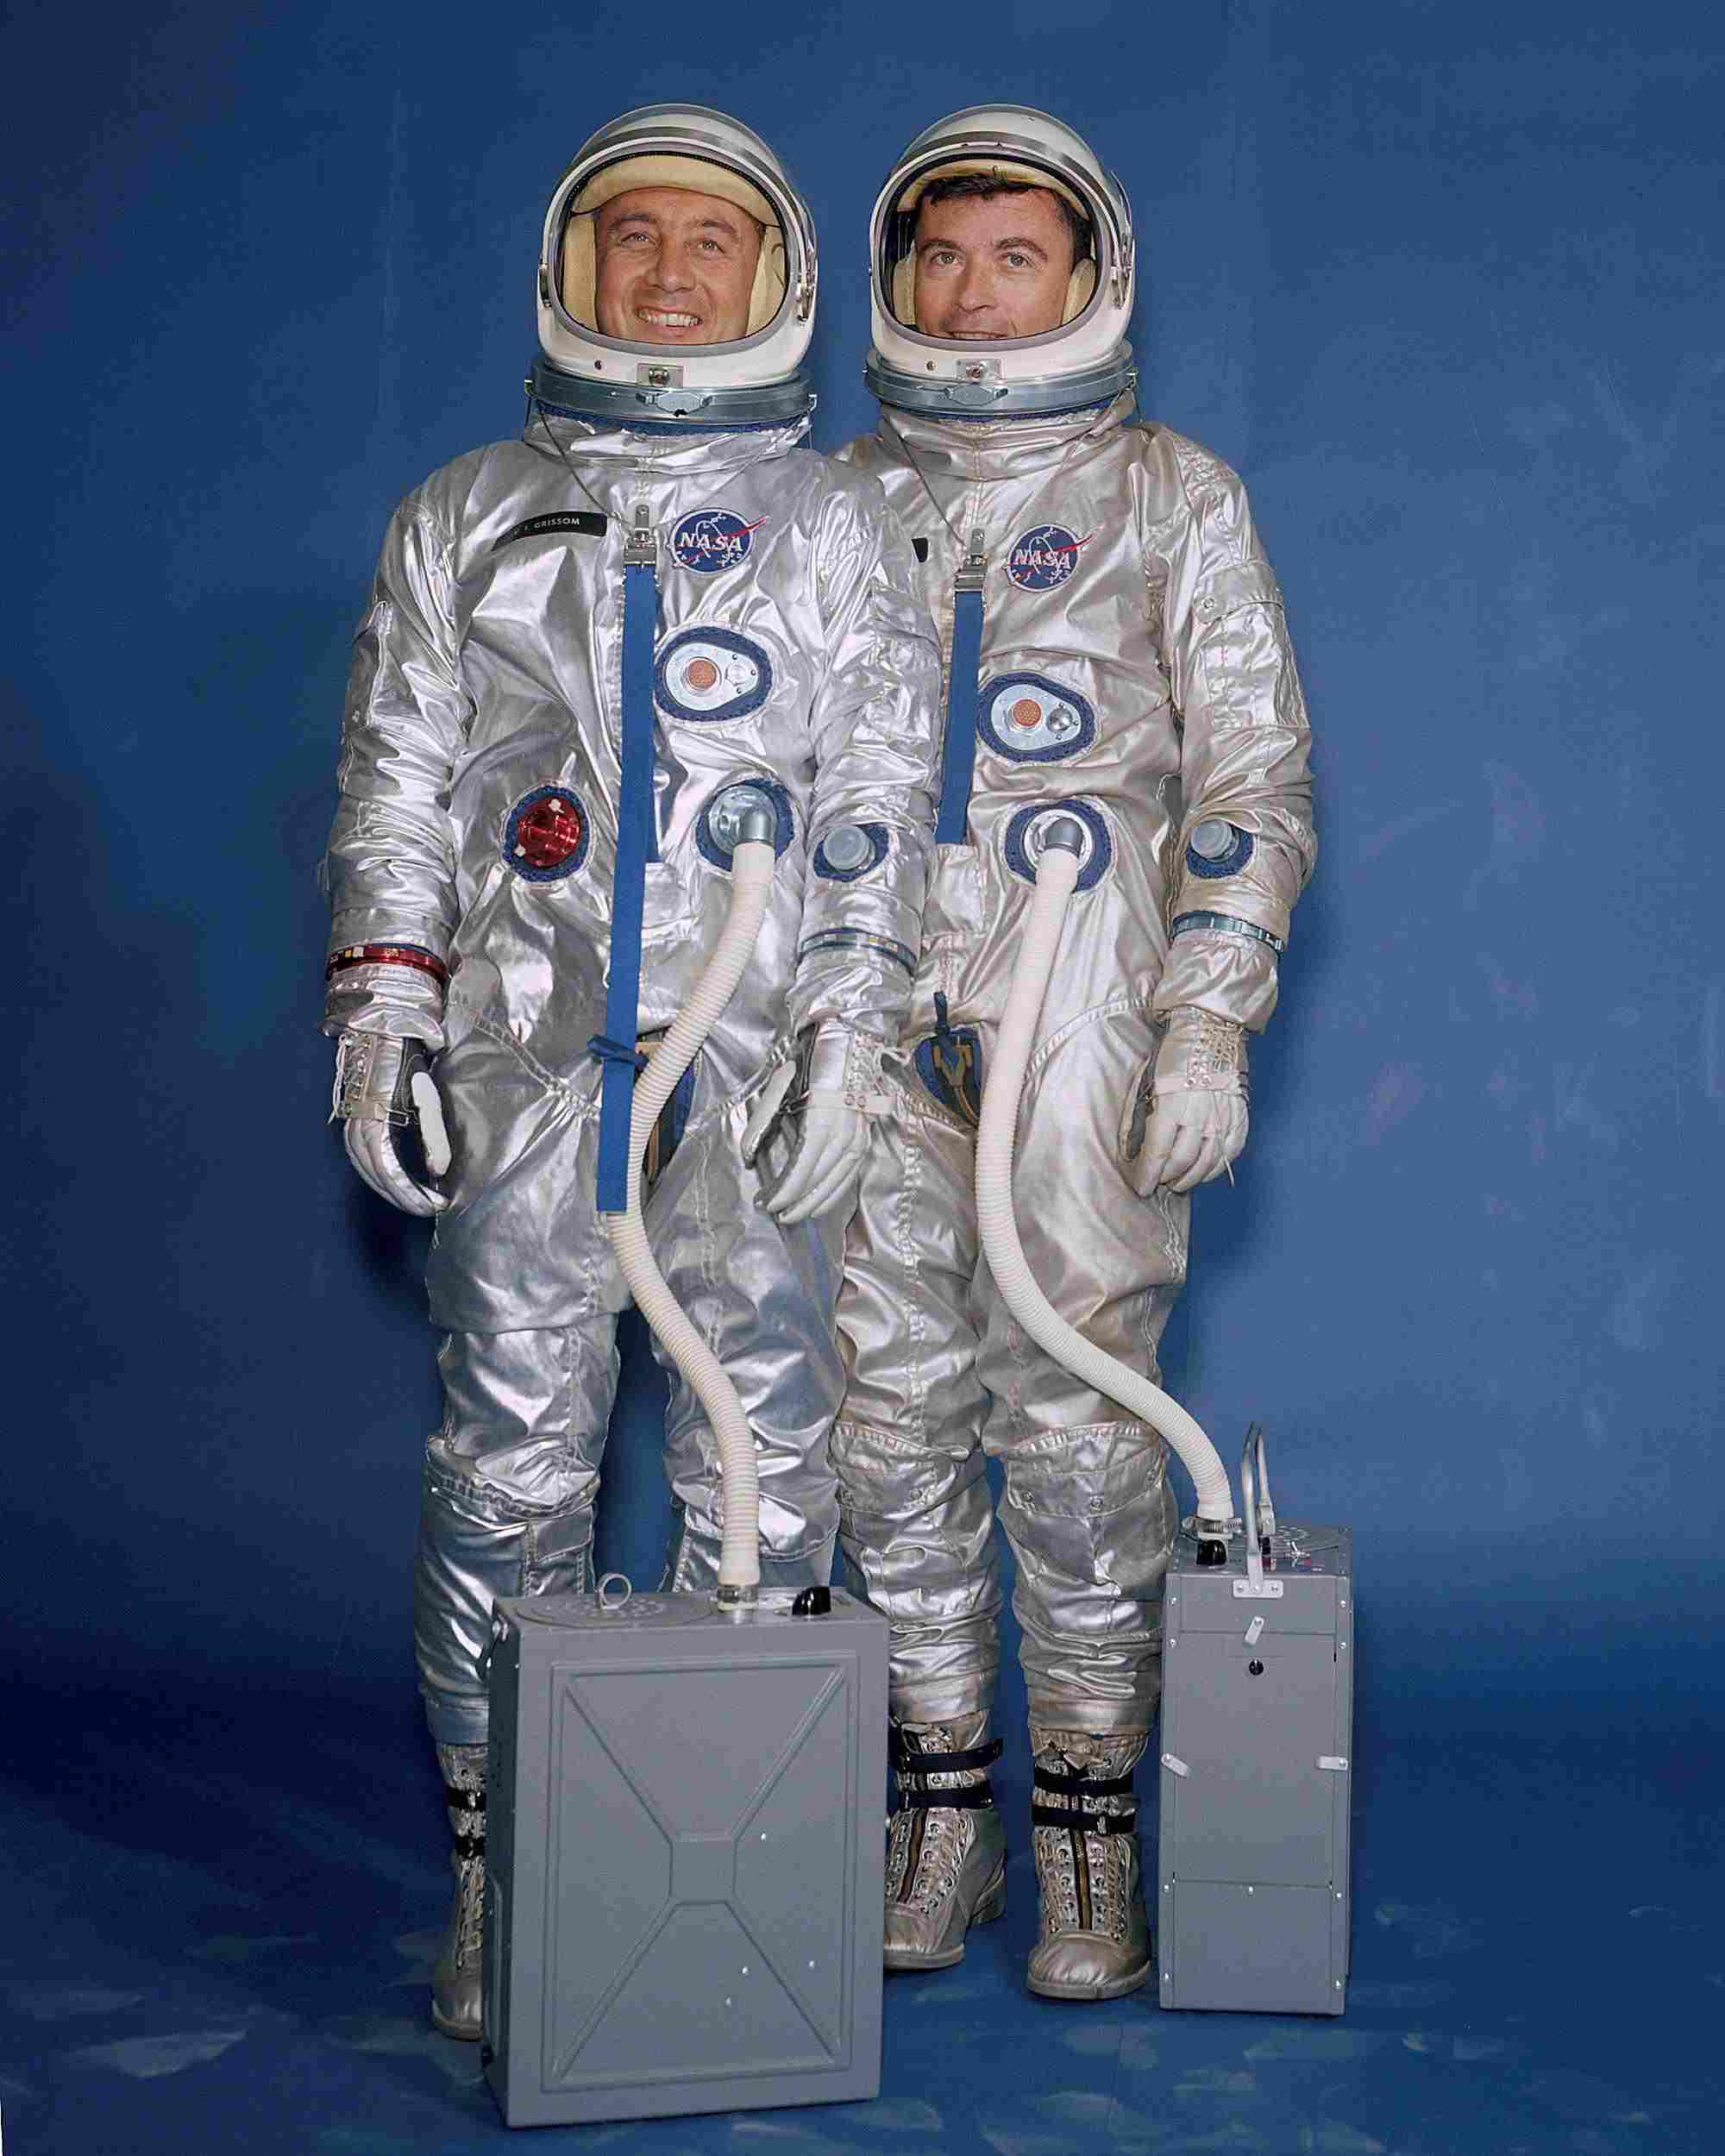 Gemini astronauts in full pressure suits